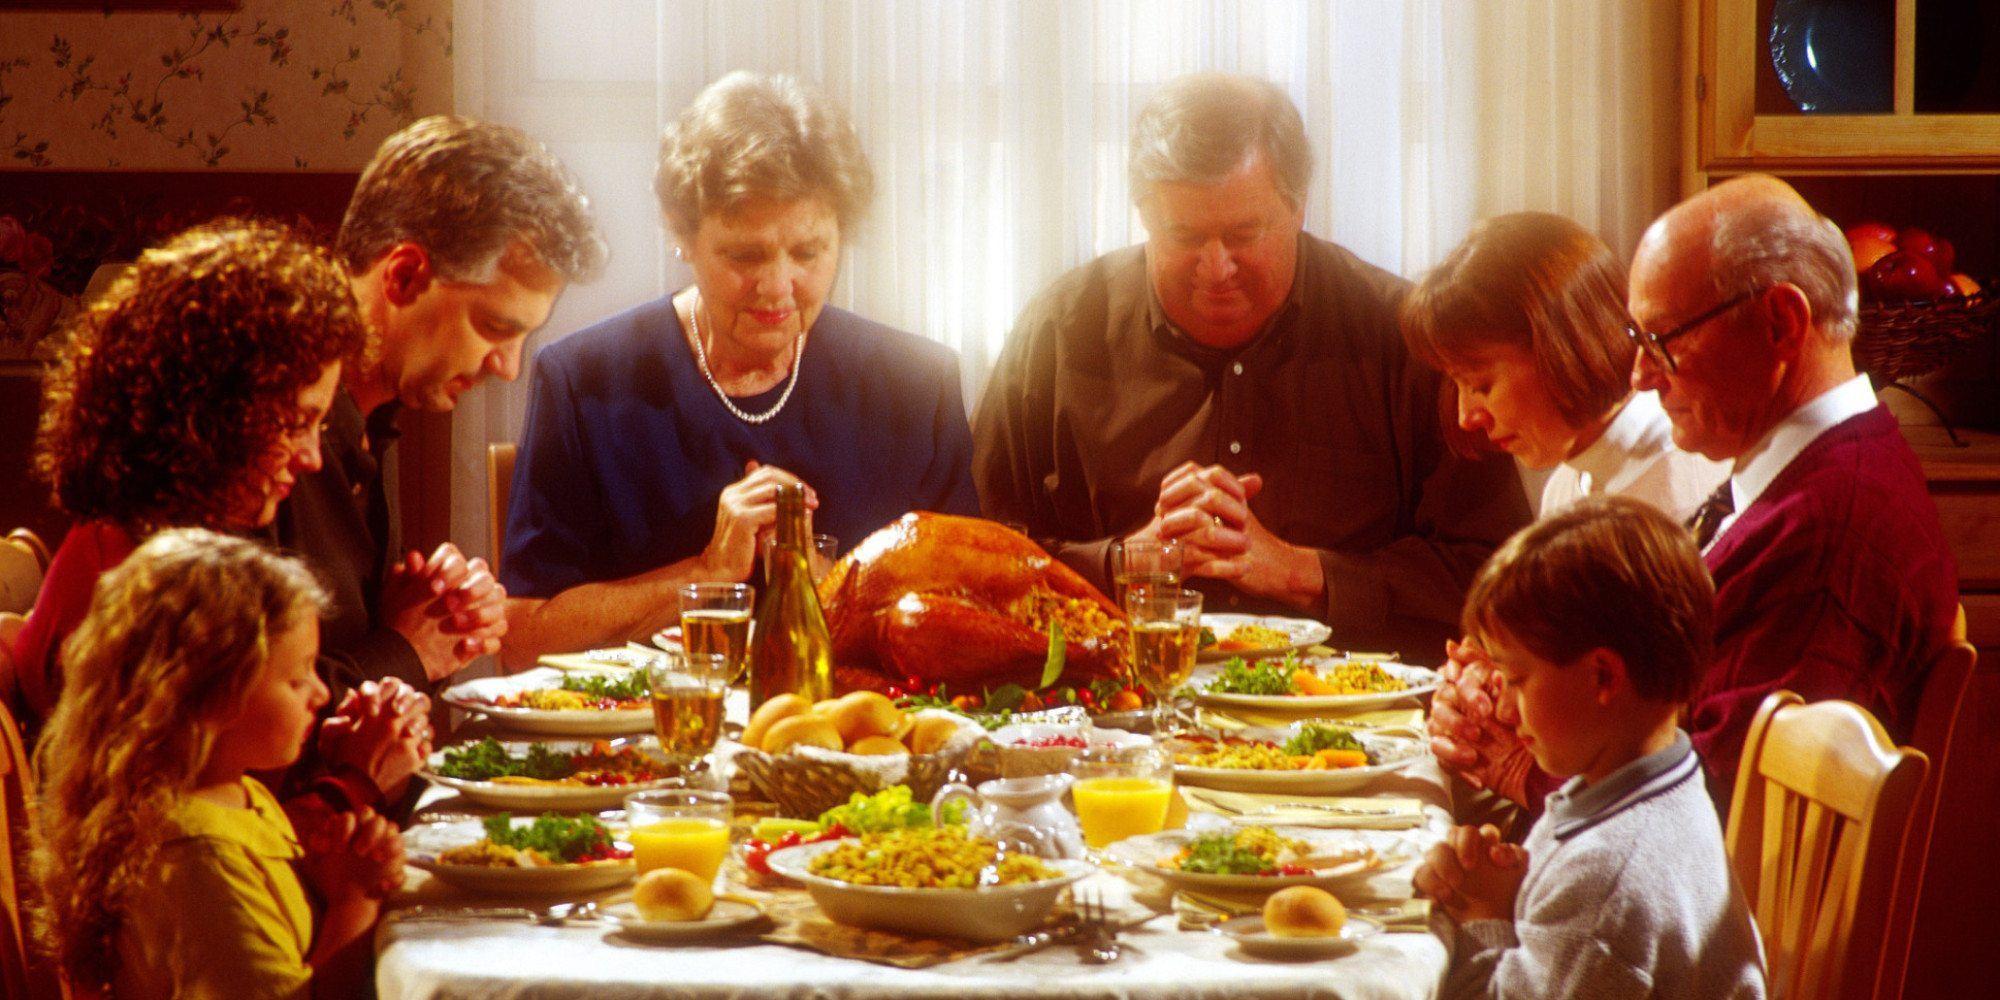 Free Thanksgiving Dinner 2019  Oración para el Da de Acción de Gracias – Thanksgiving